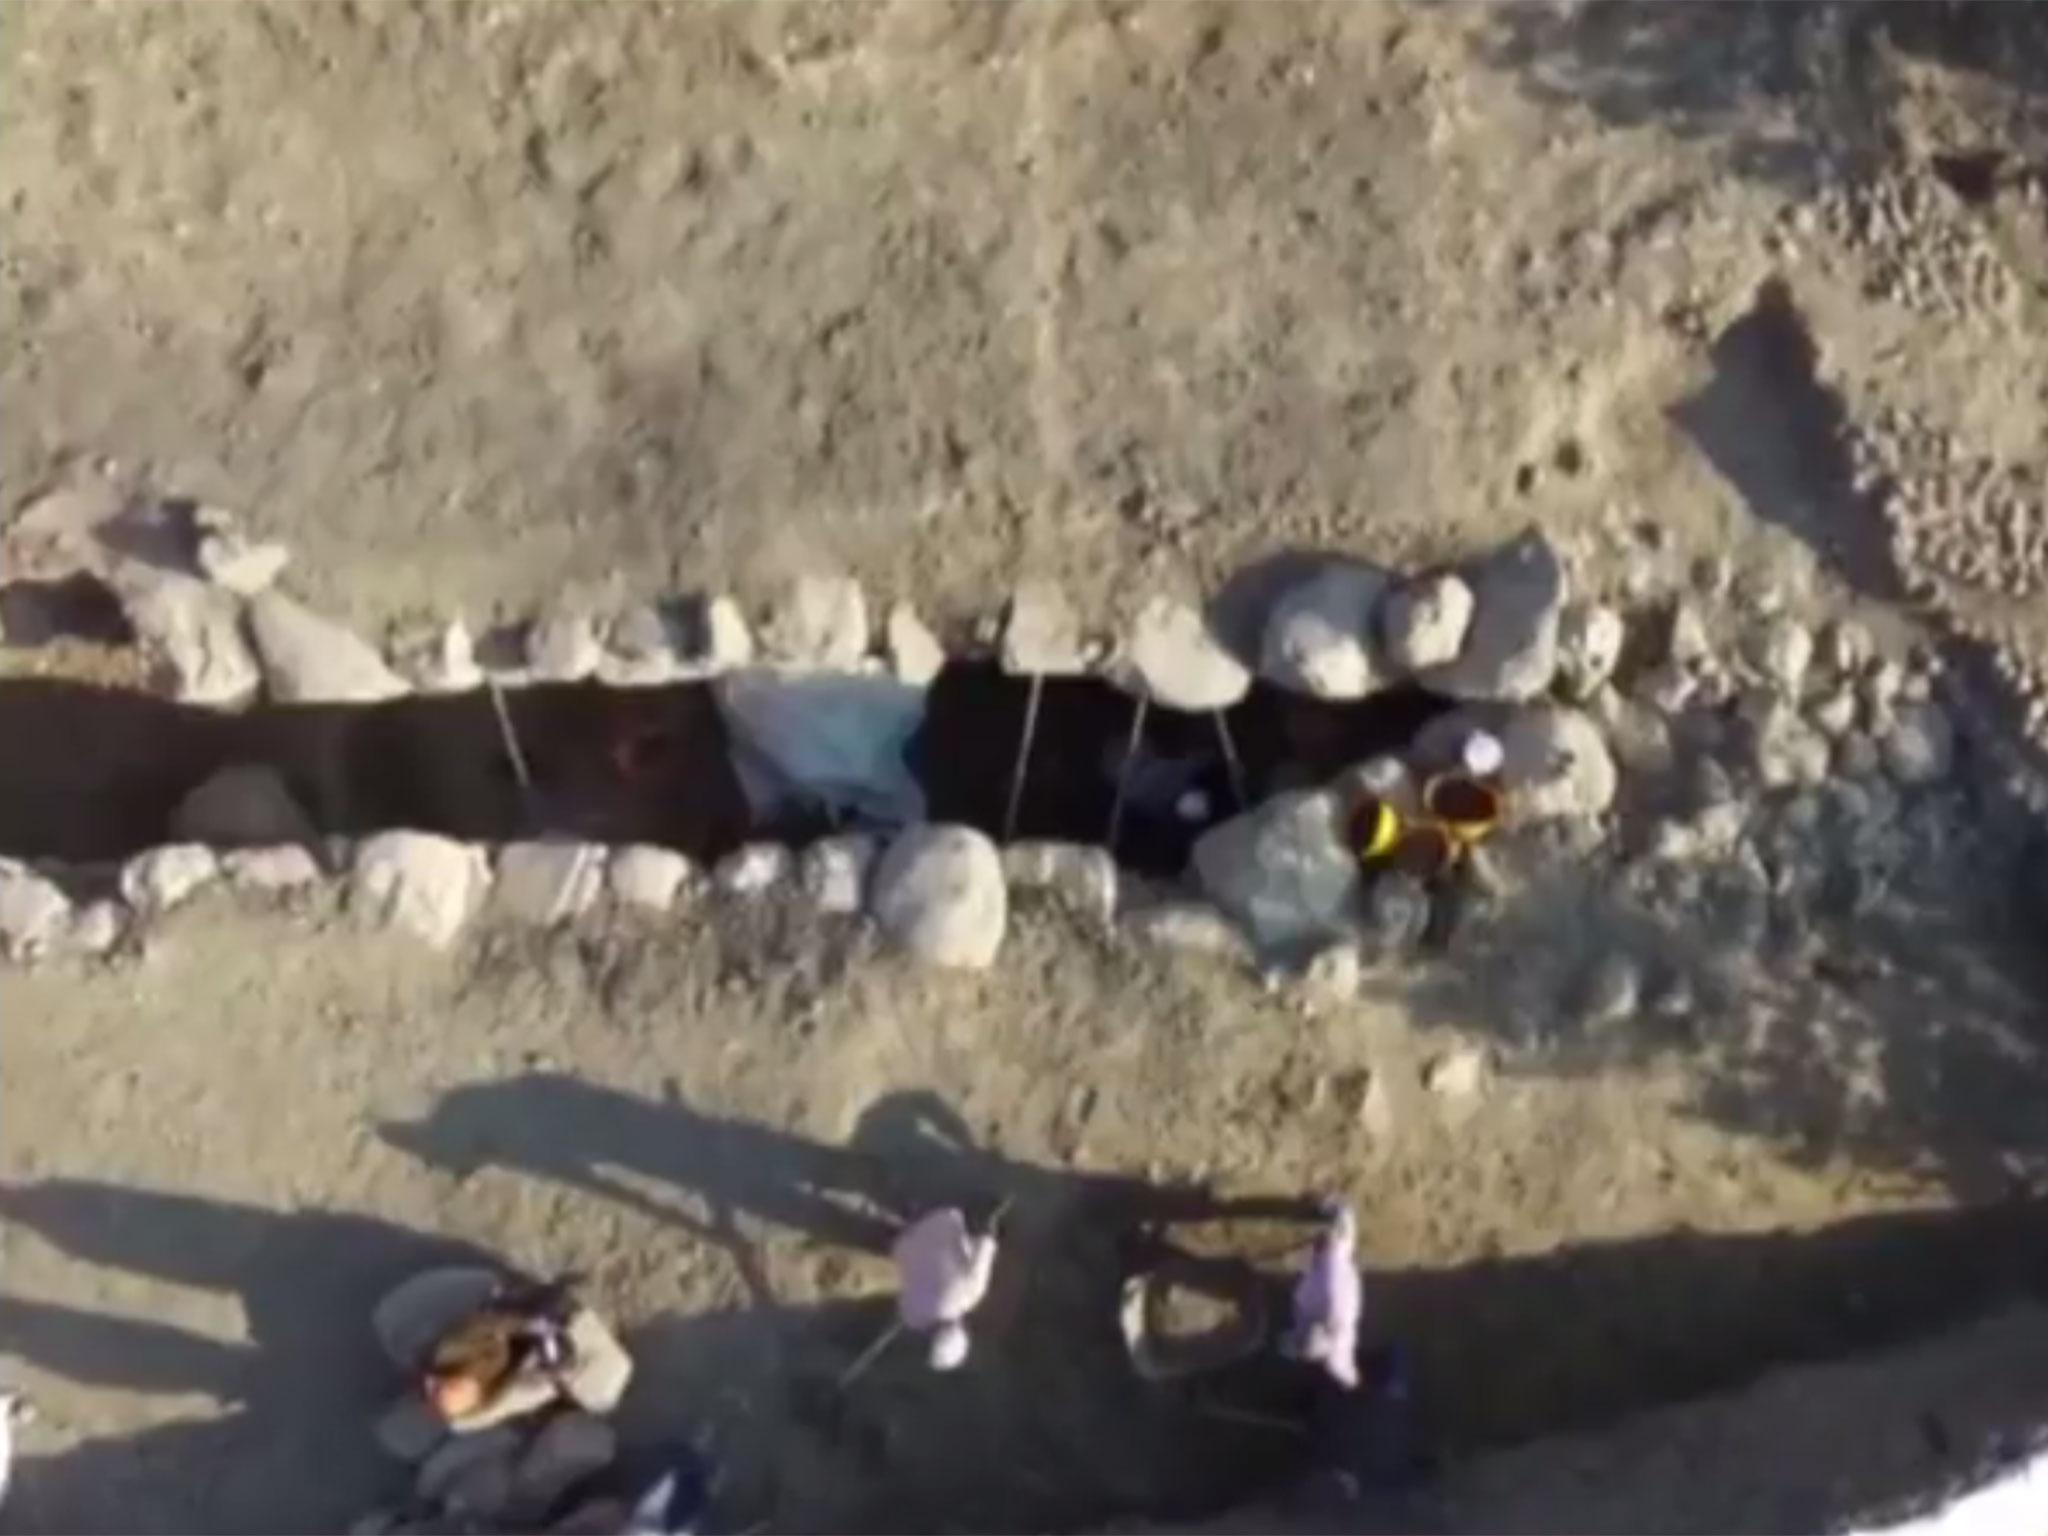 3,300-year-old Hittite secret passage found in Turkey